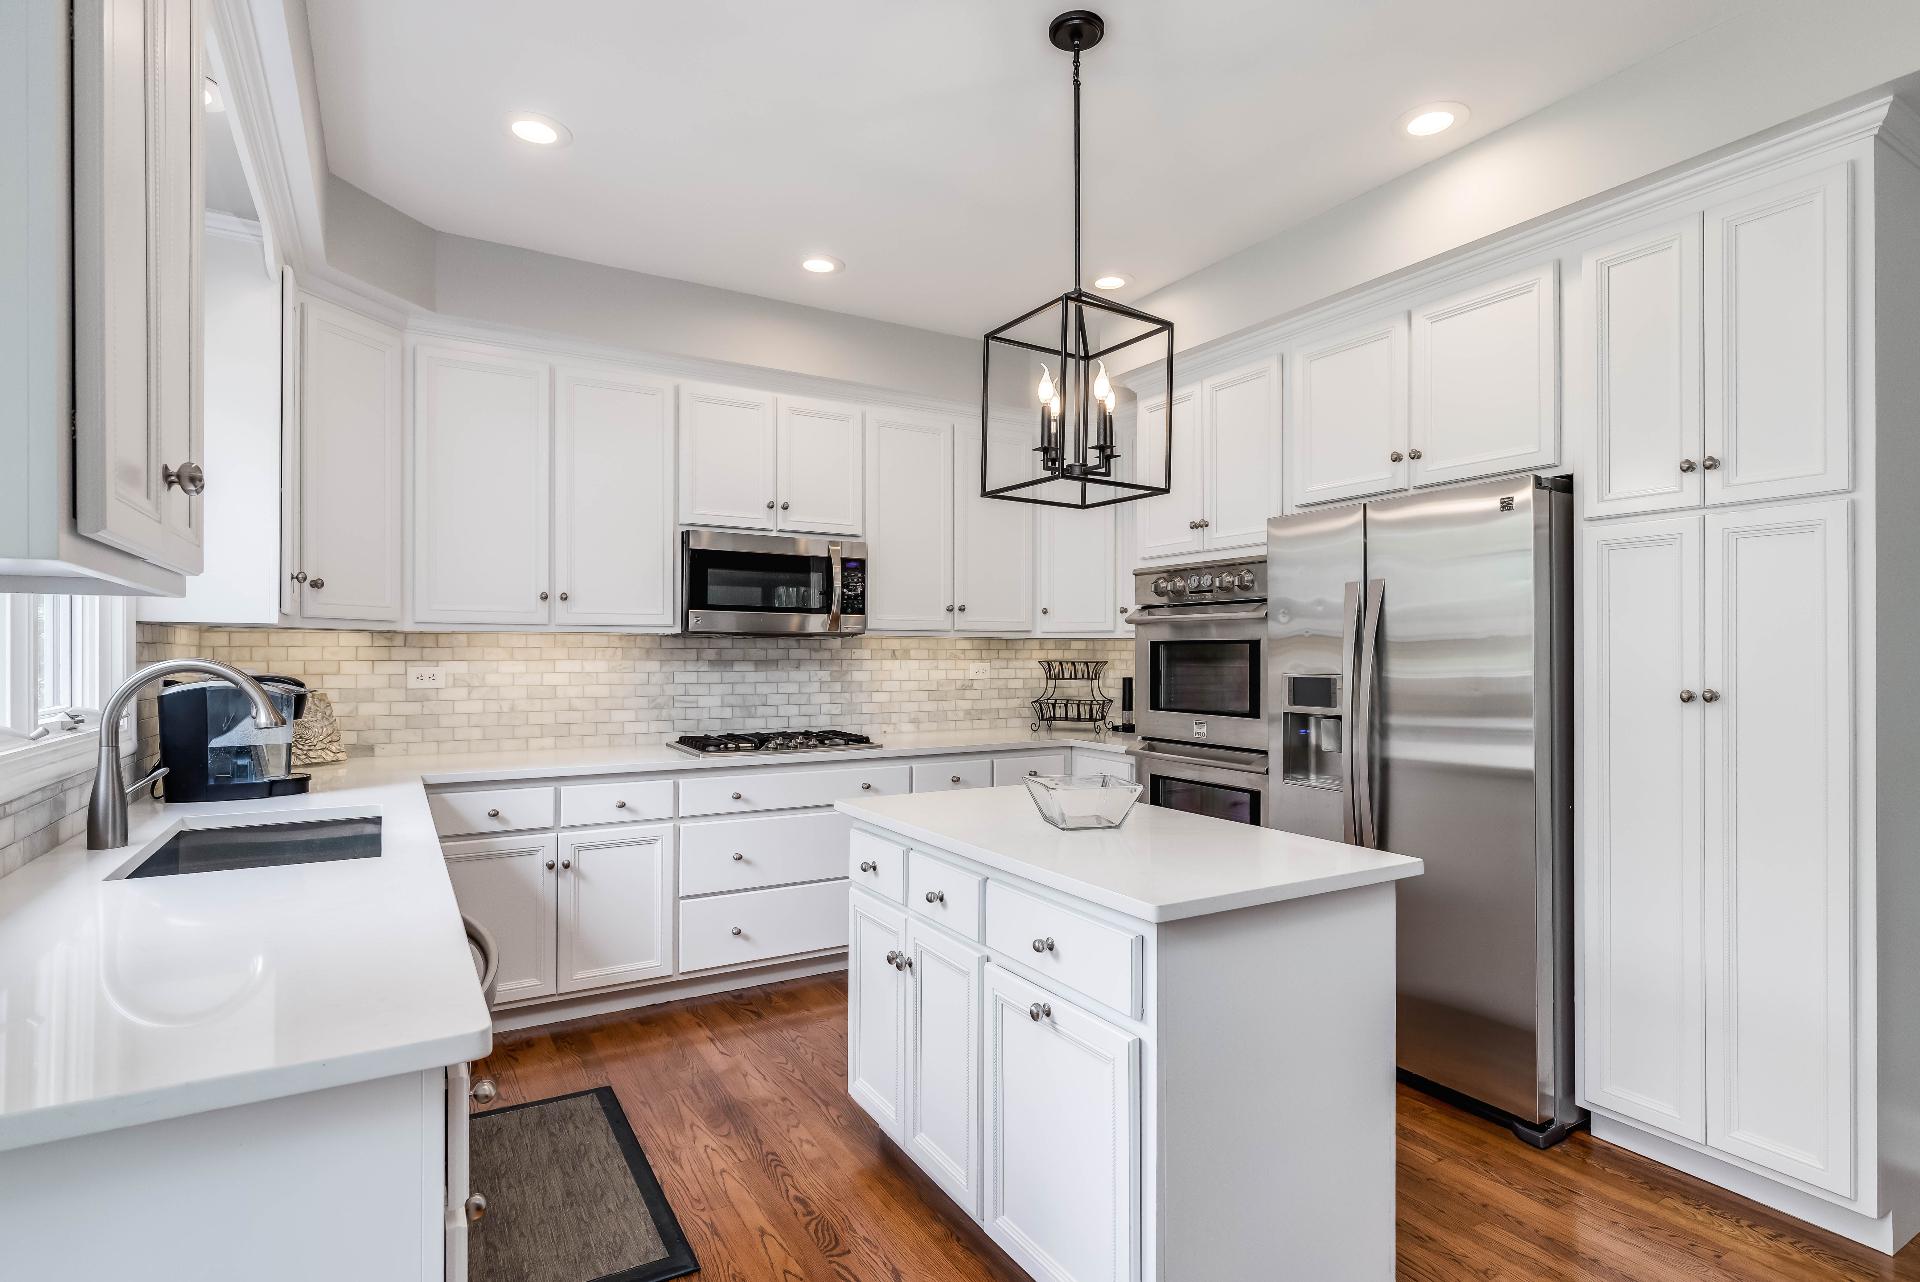 Кухня для такого решения должна быть большой, не менее 12 м, а лучше больше - от 15 м